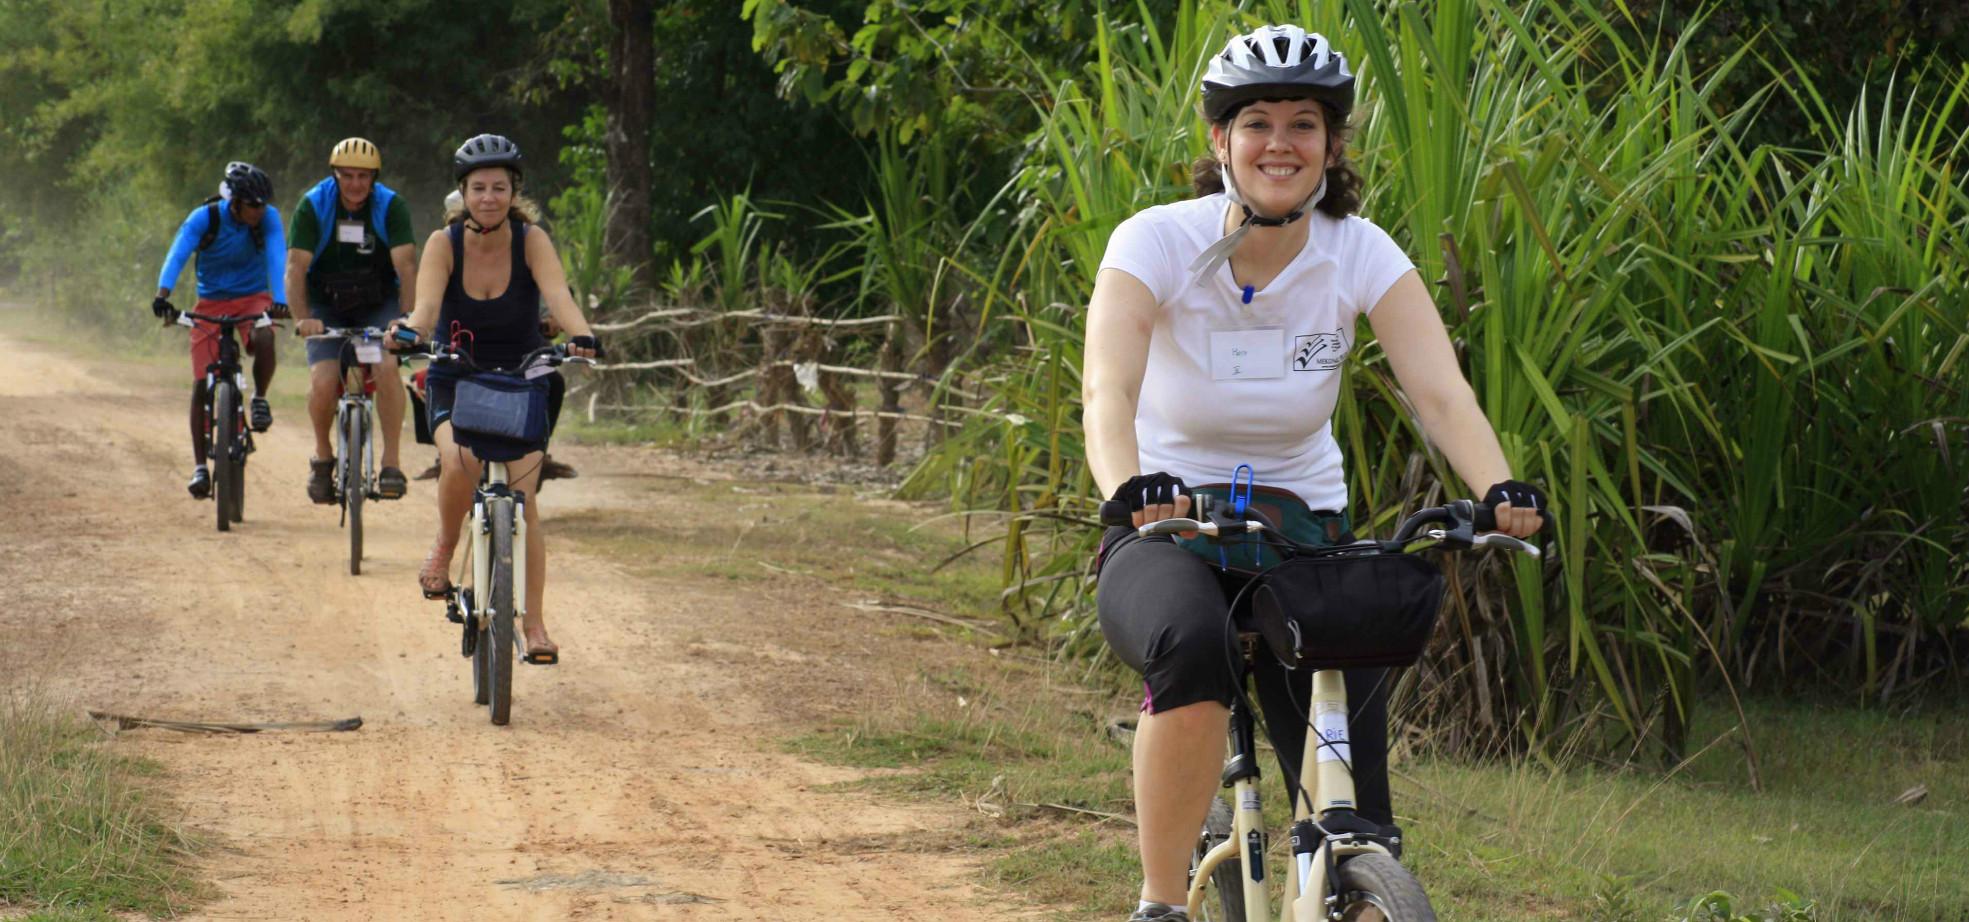 Adepte du vélo, Marie a tenté une grande première : rouler pour la bonne cause ! Récit de son aventure à vélo au profit de l'association Mekong Plus.